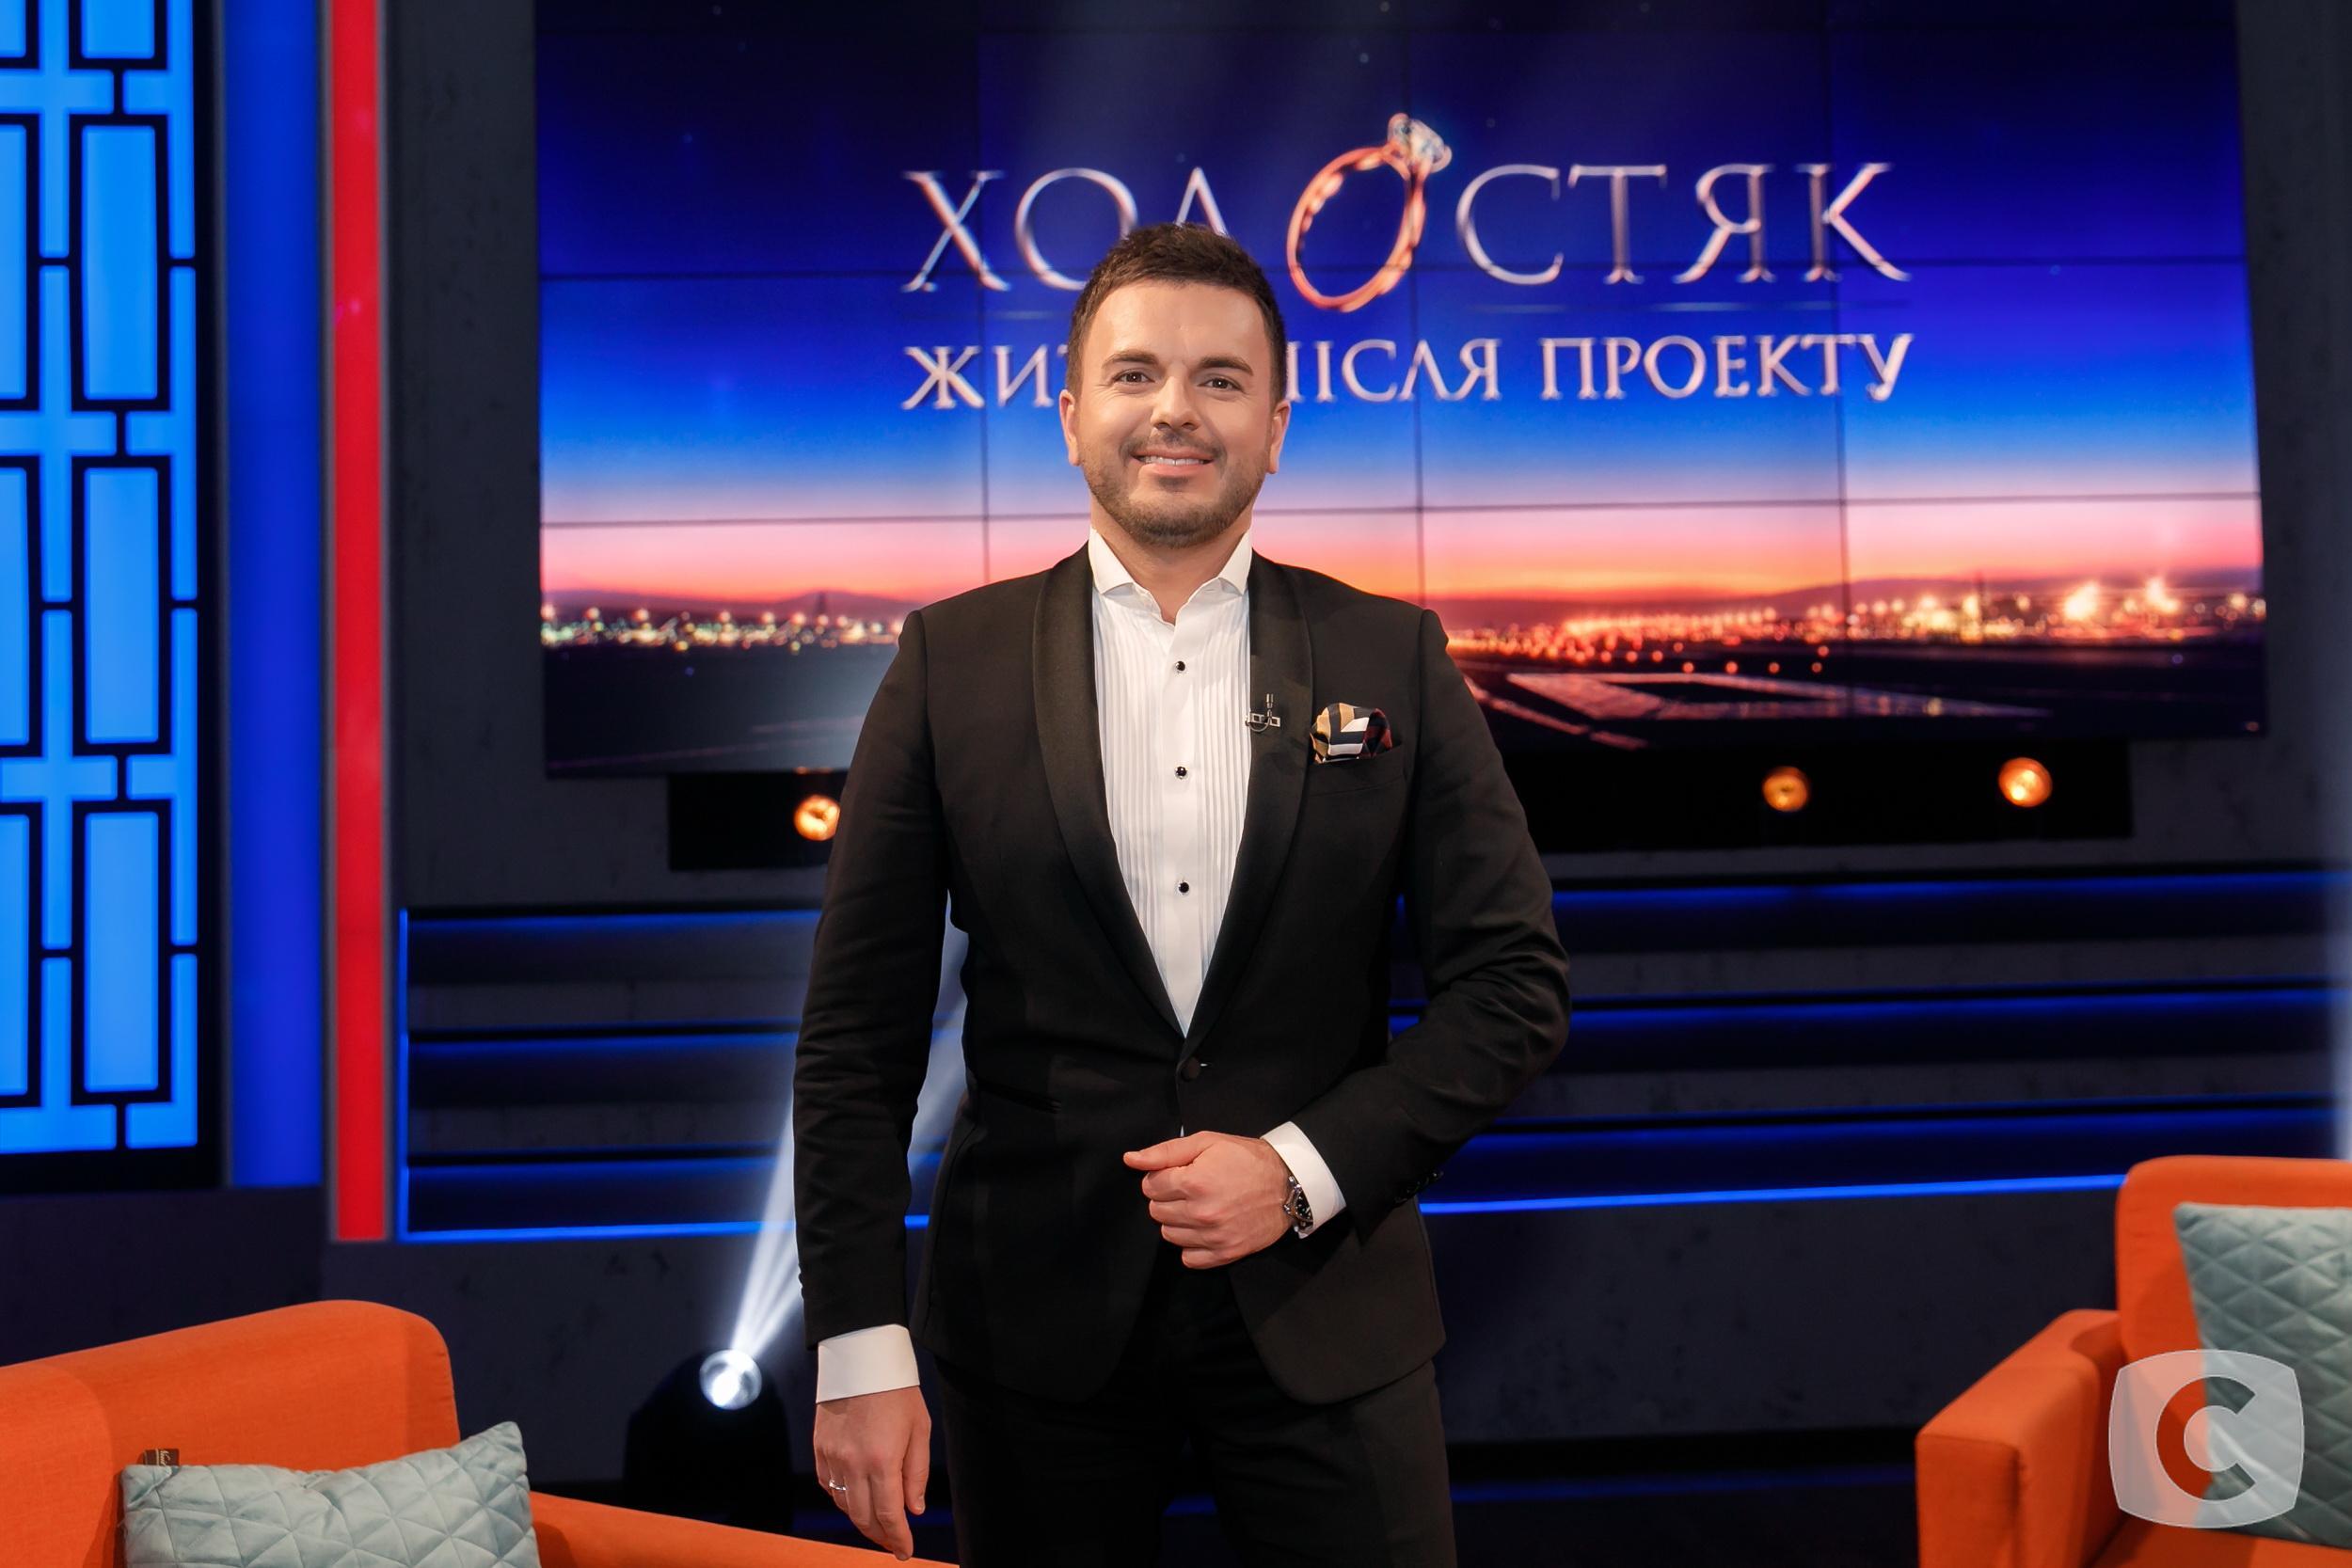 Григорий Решетник Холостяк 10 как сложились судьбы Макса Михайлюка и участниц после реалити